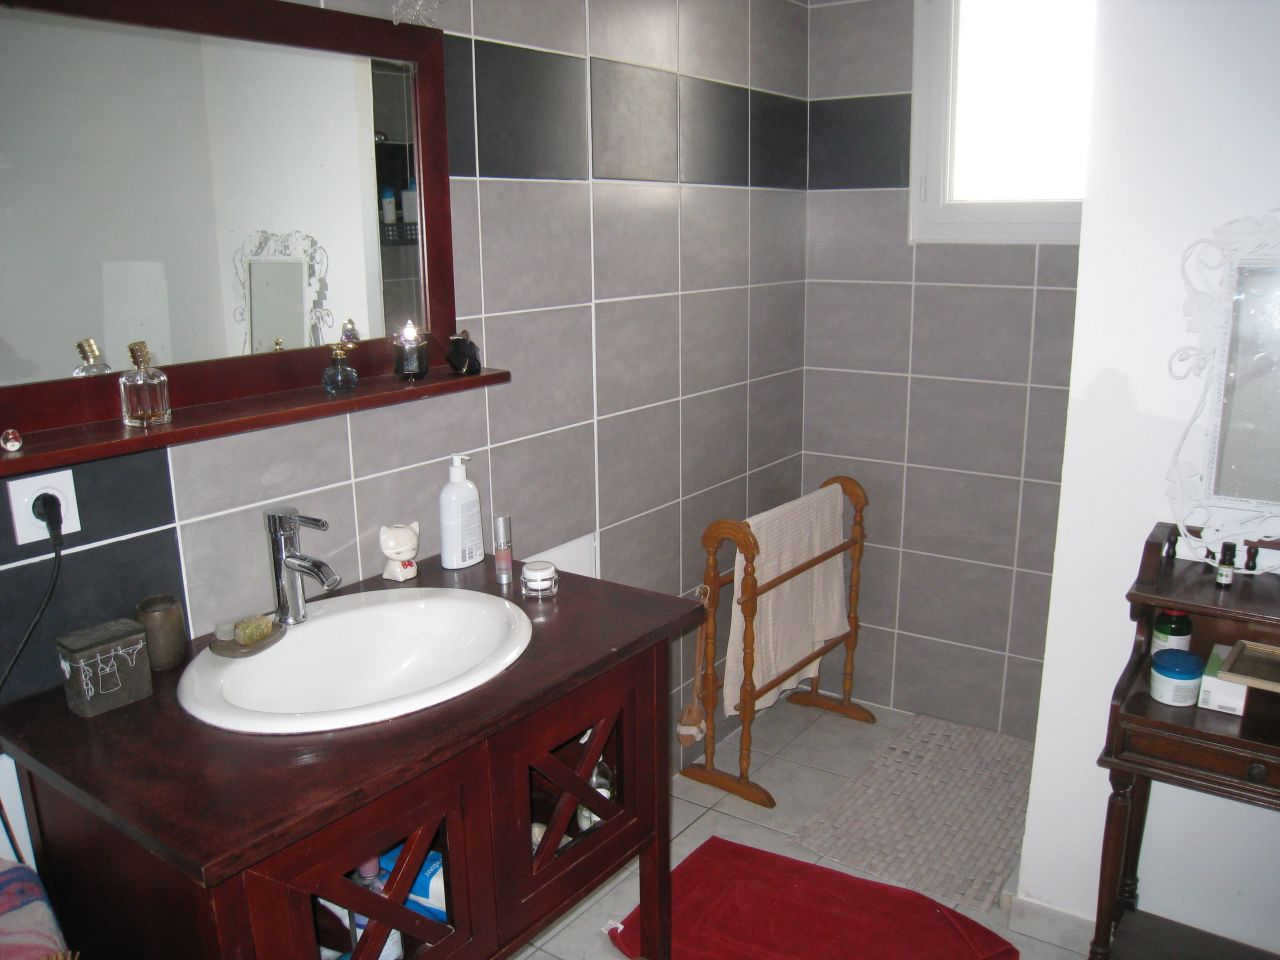 avis sur couleur meuble salle d 39 eau 24 messages. Black Bedroom Furniture Sets. Home Design Ideas